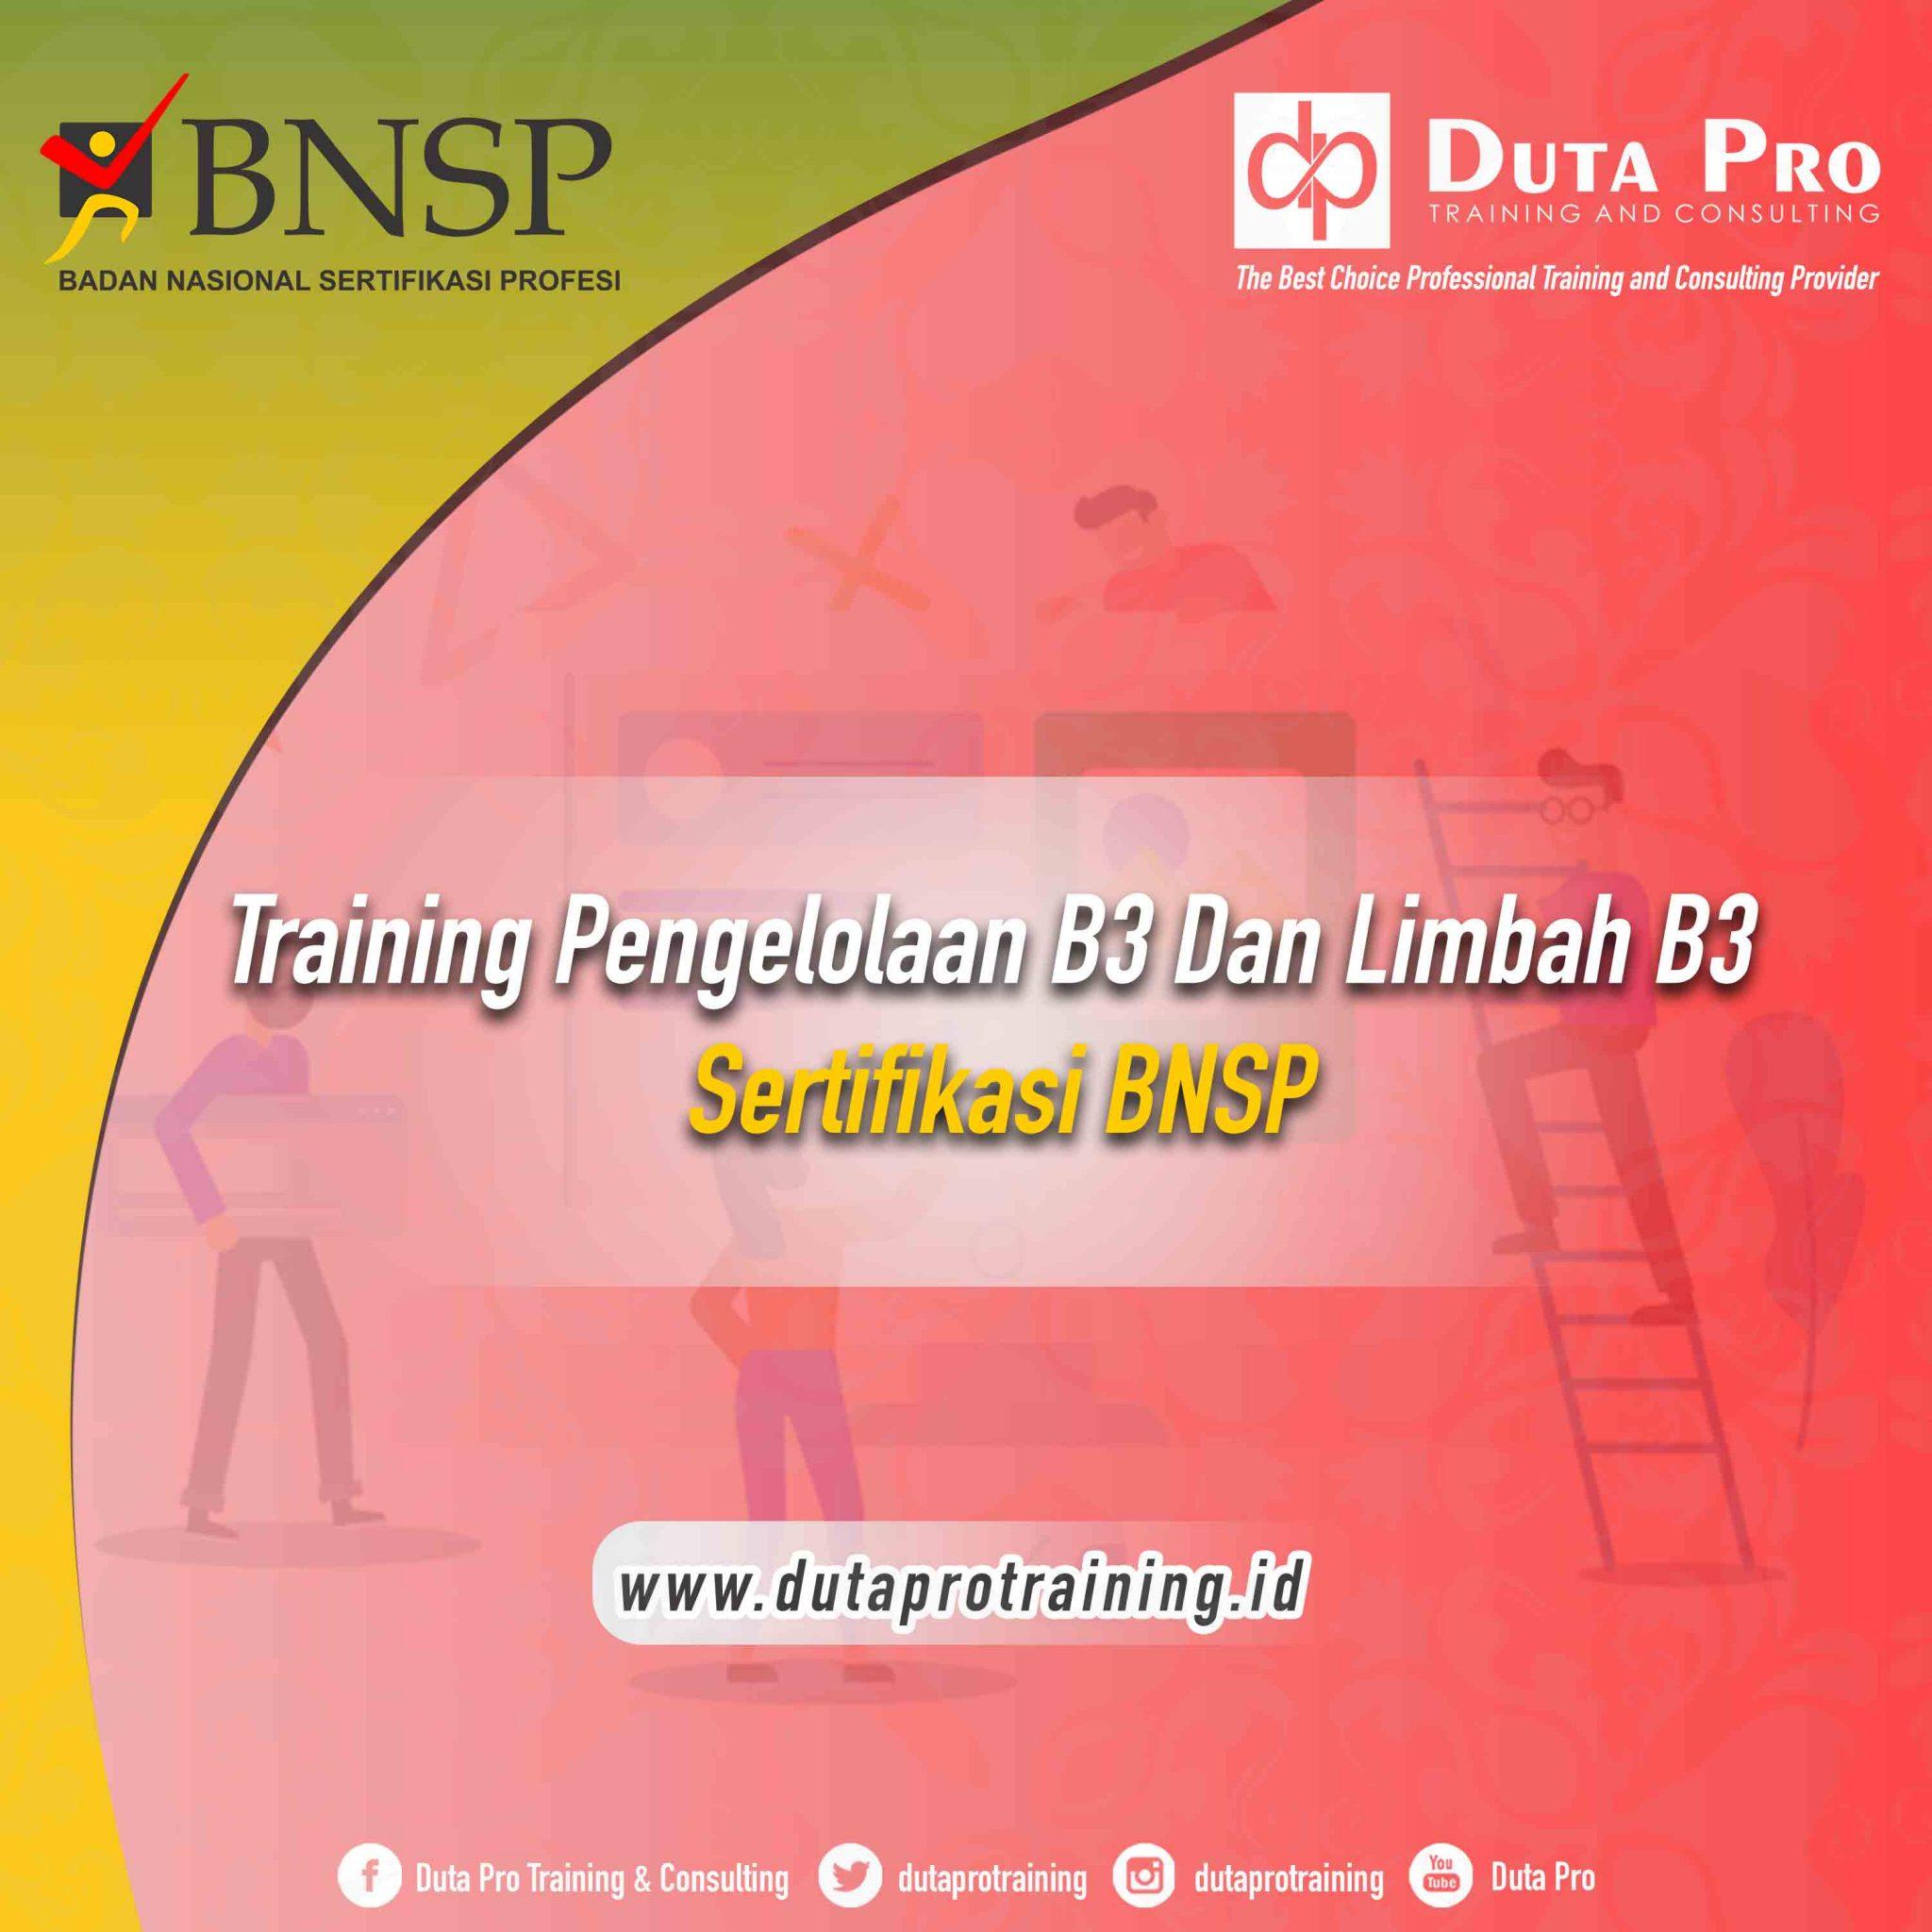 Training Pengelolaan B3 dan Limbah B3